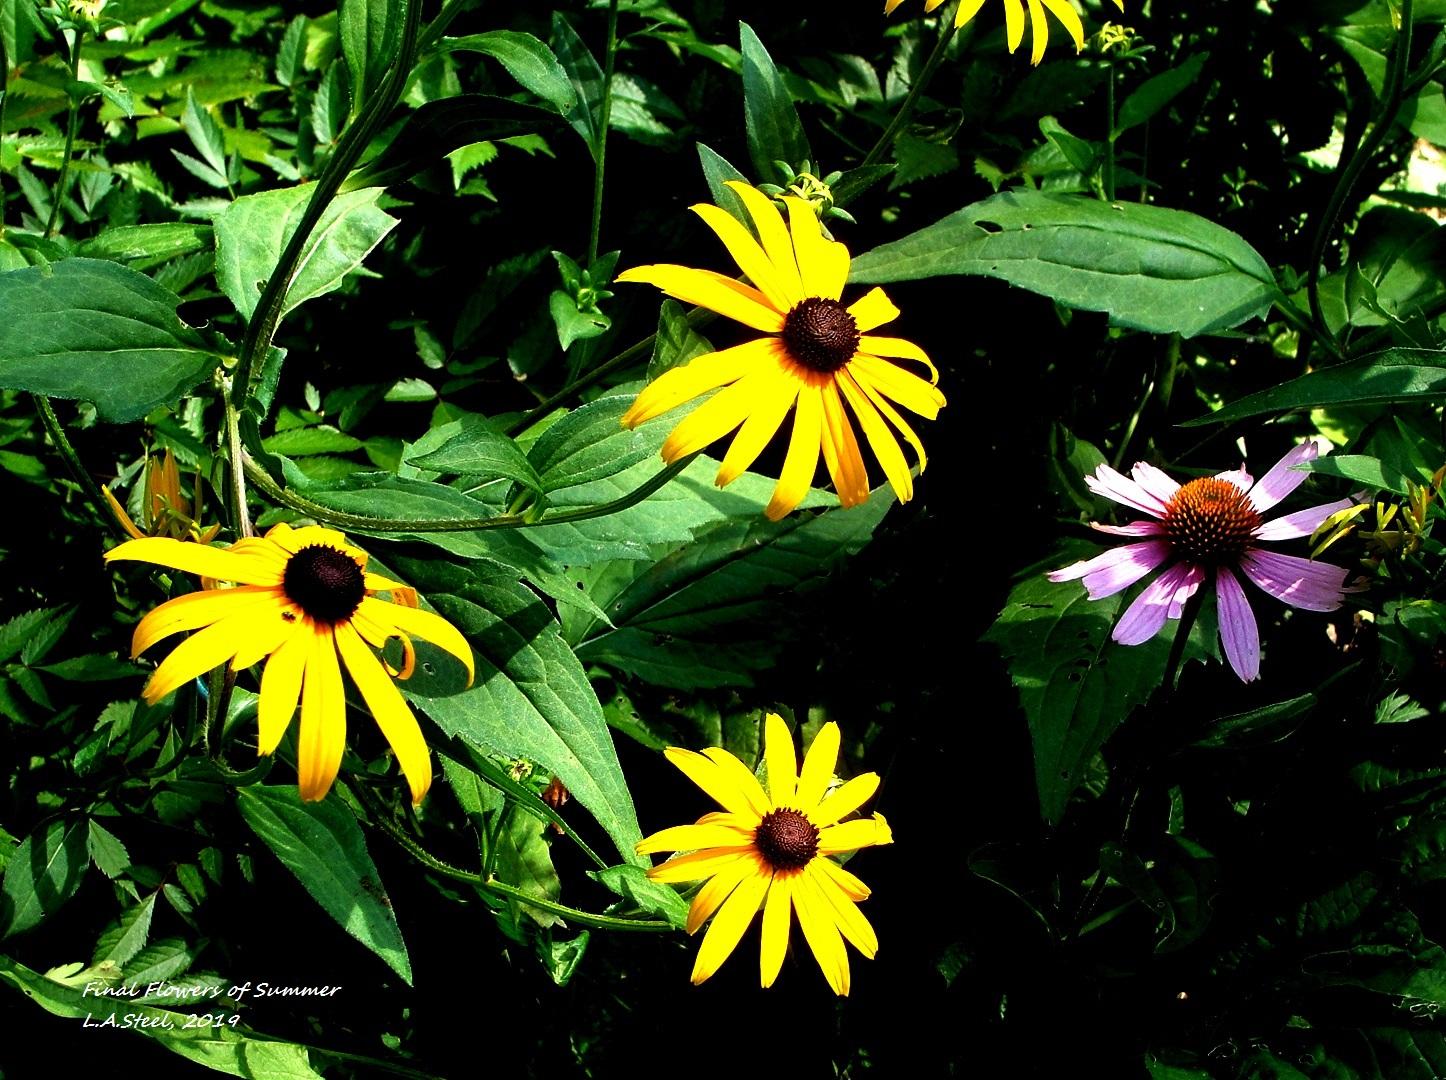 final flowers of summer 2019 5